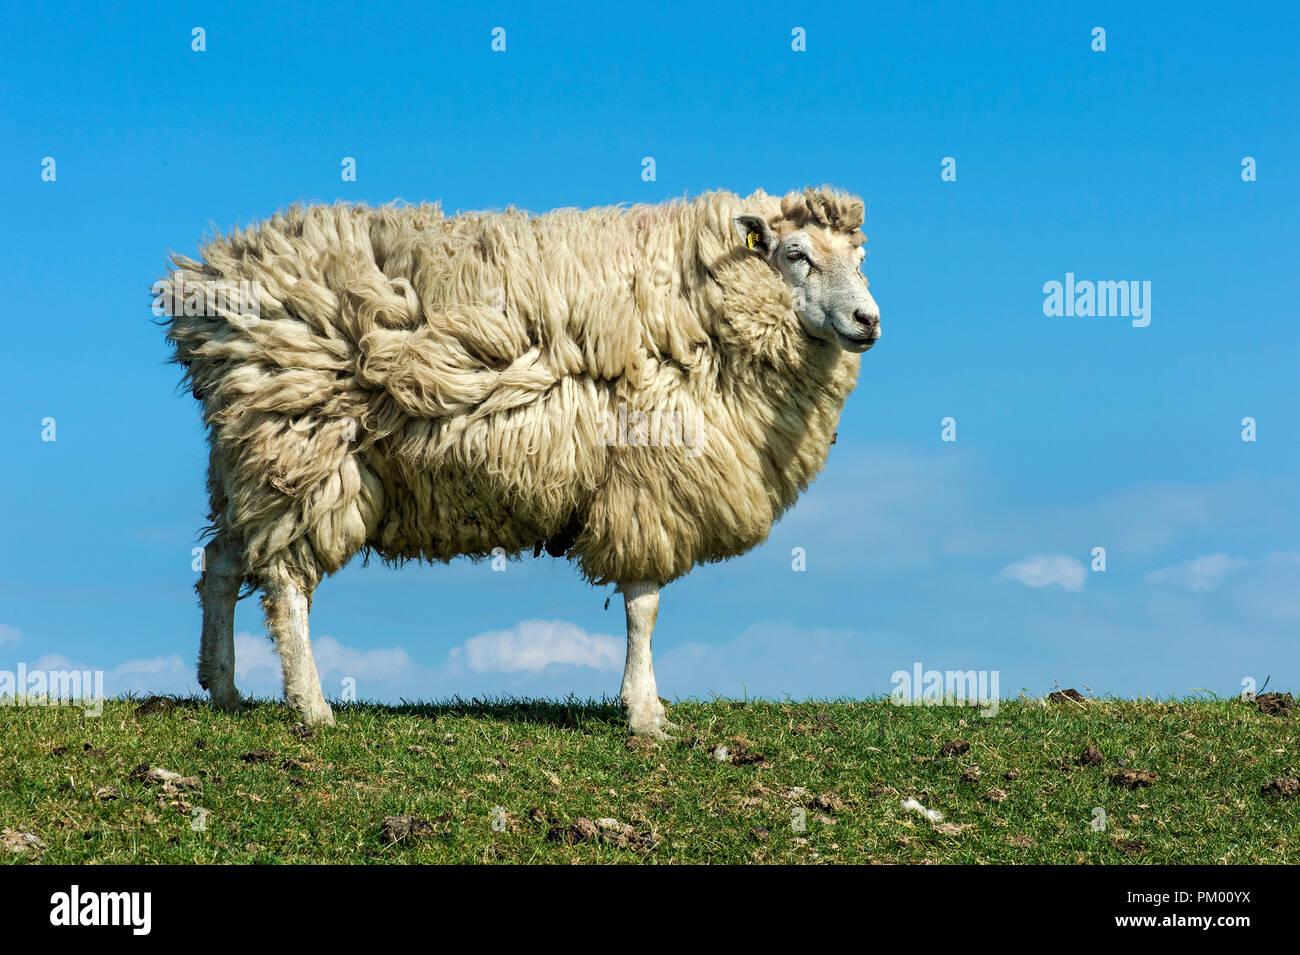 Texel Schafe gegen den blauen Himmel, marschland an der Nordseeküste, Schleswig-Holstein, Deutschland Stockbild